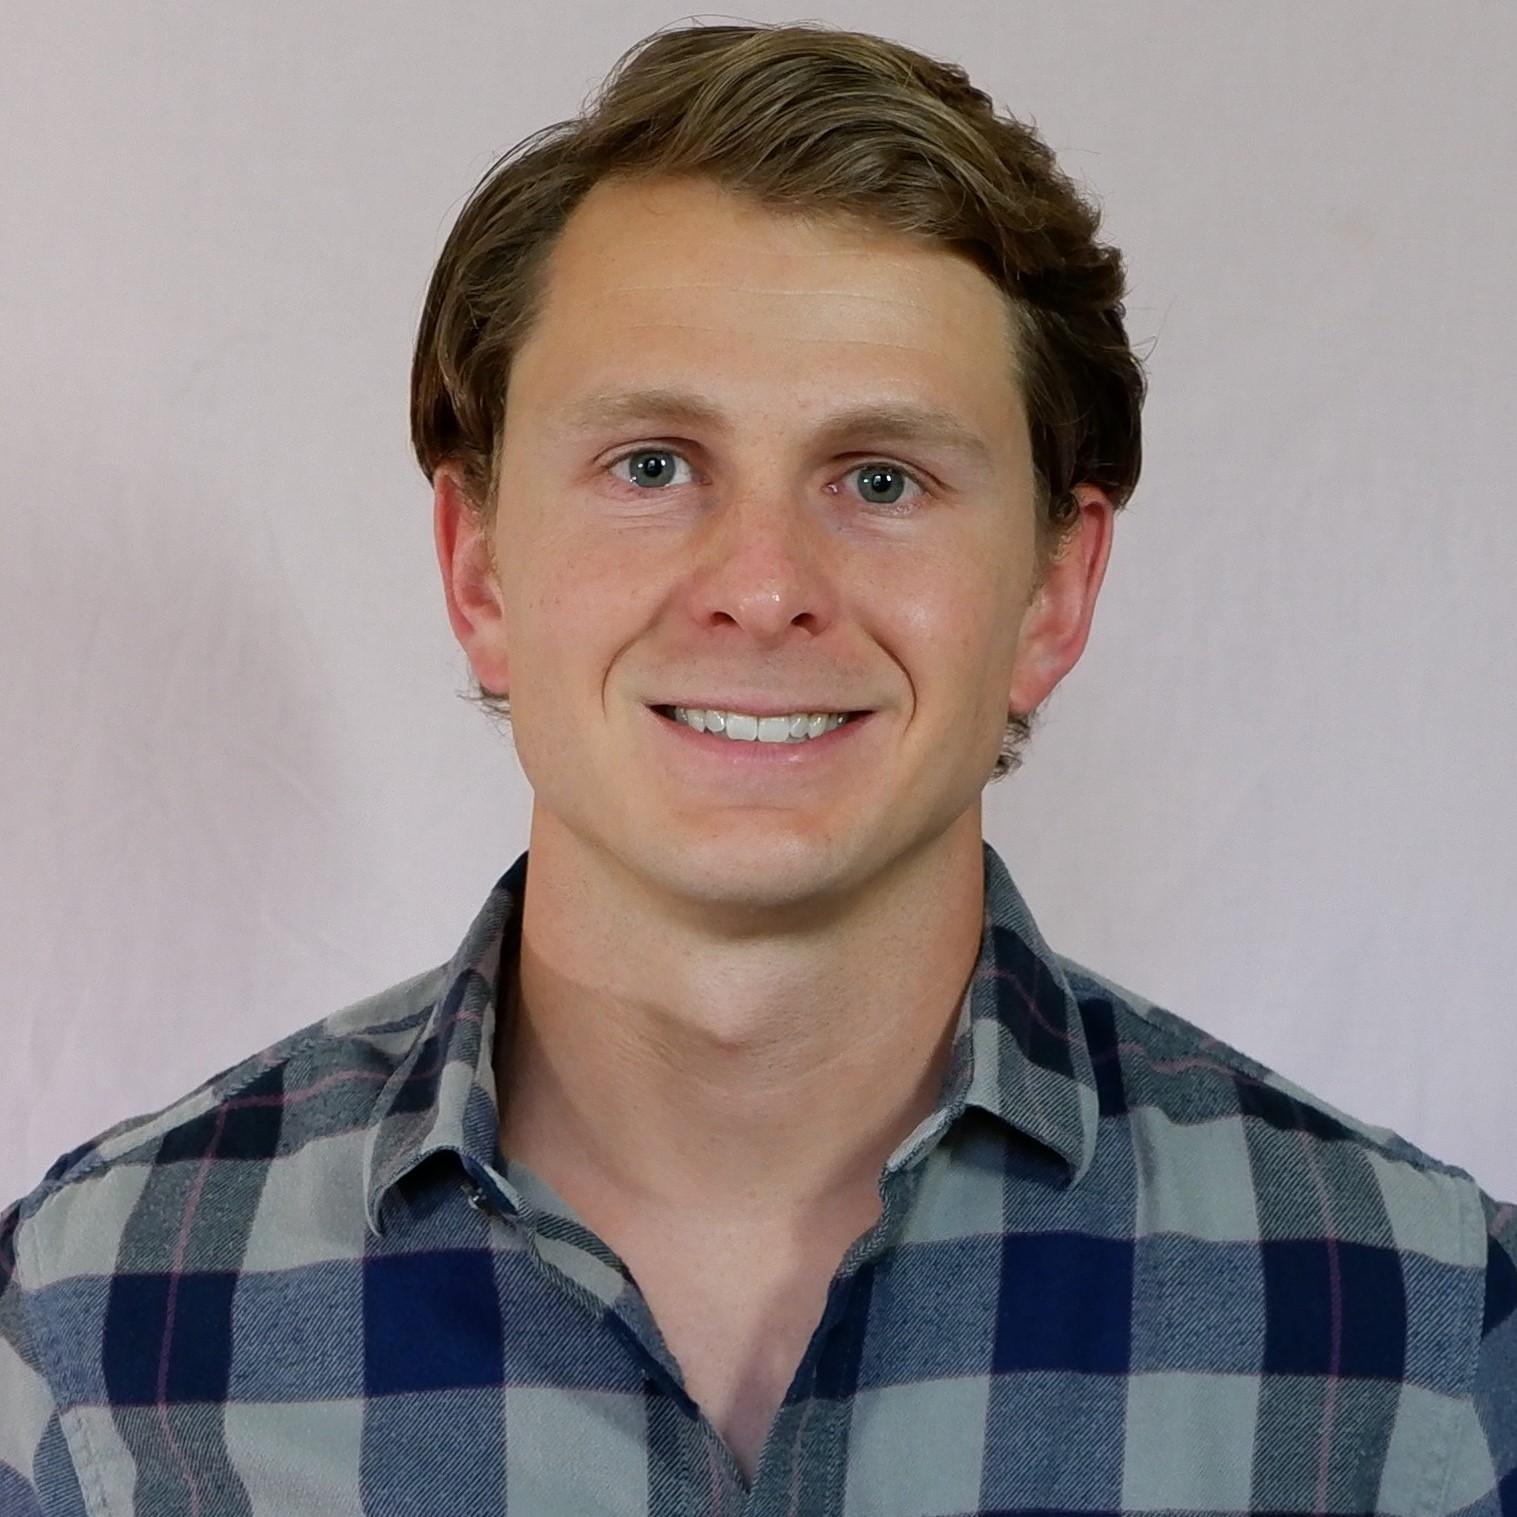 Ryan Burakowski